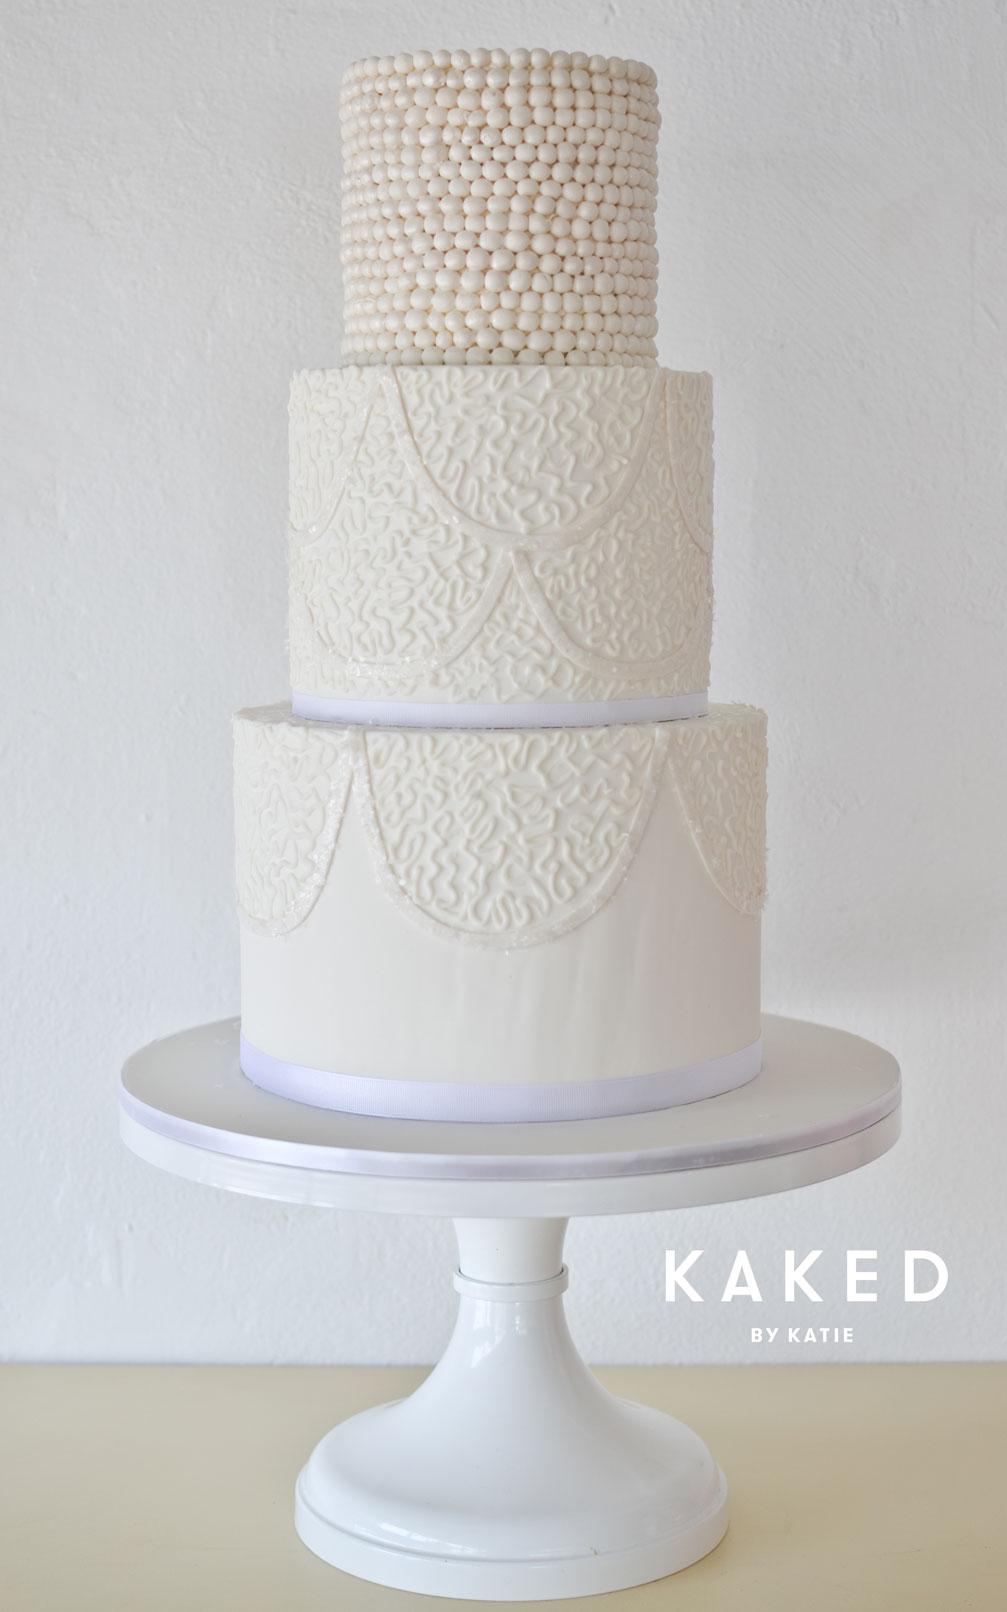 Custom St. Louis Cakes - Kaked By Katie